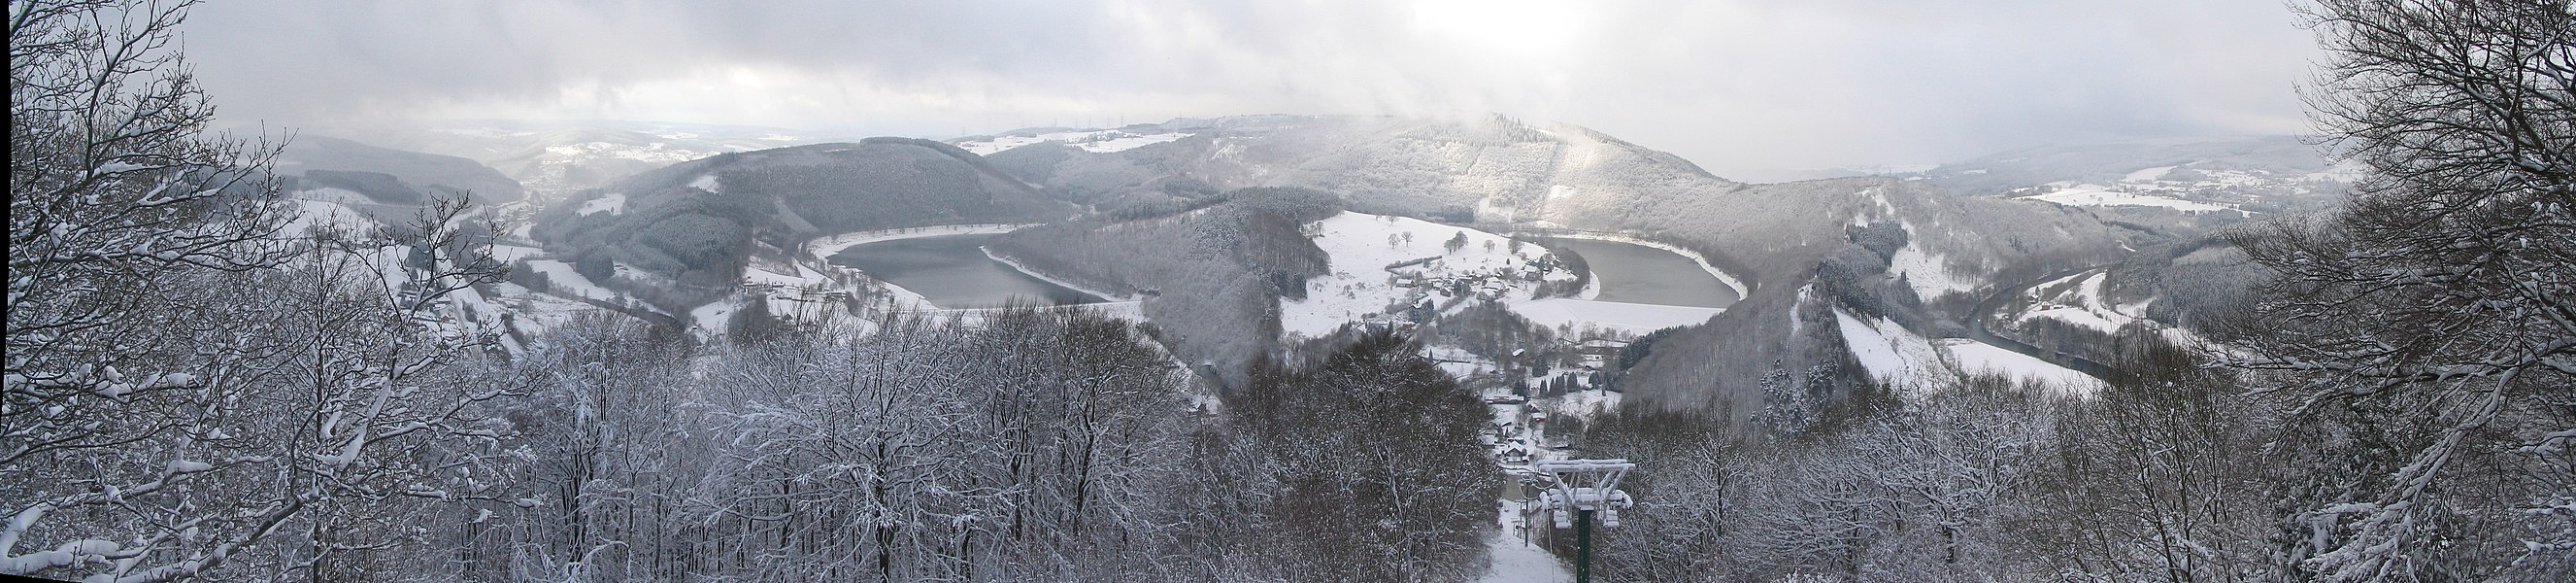 Coo-Trois-Pont (Belgium) lower dam panorama